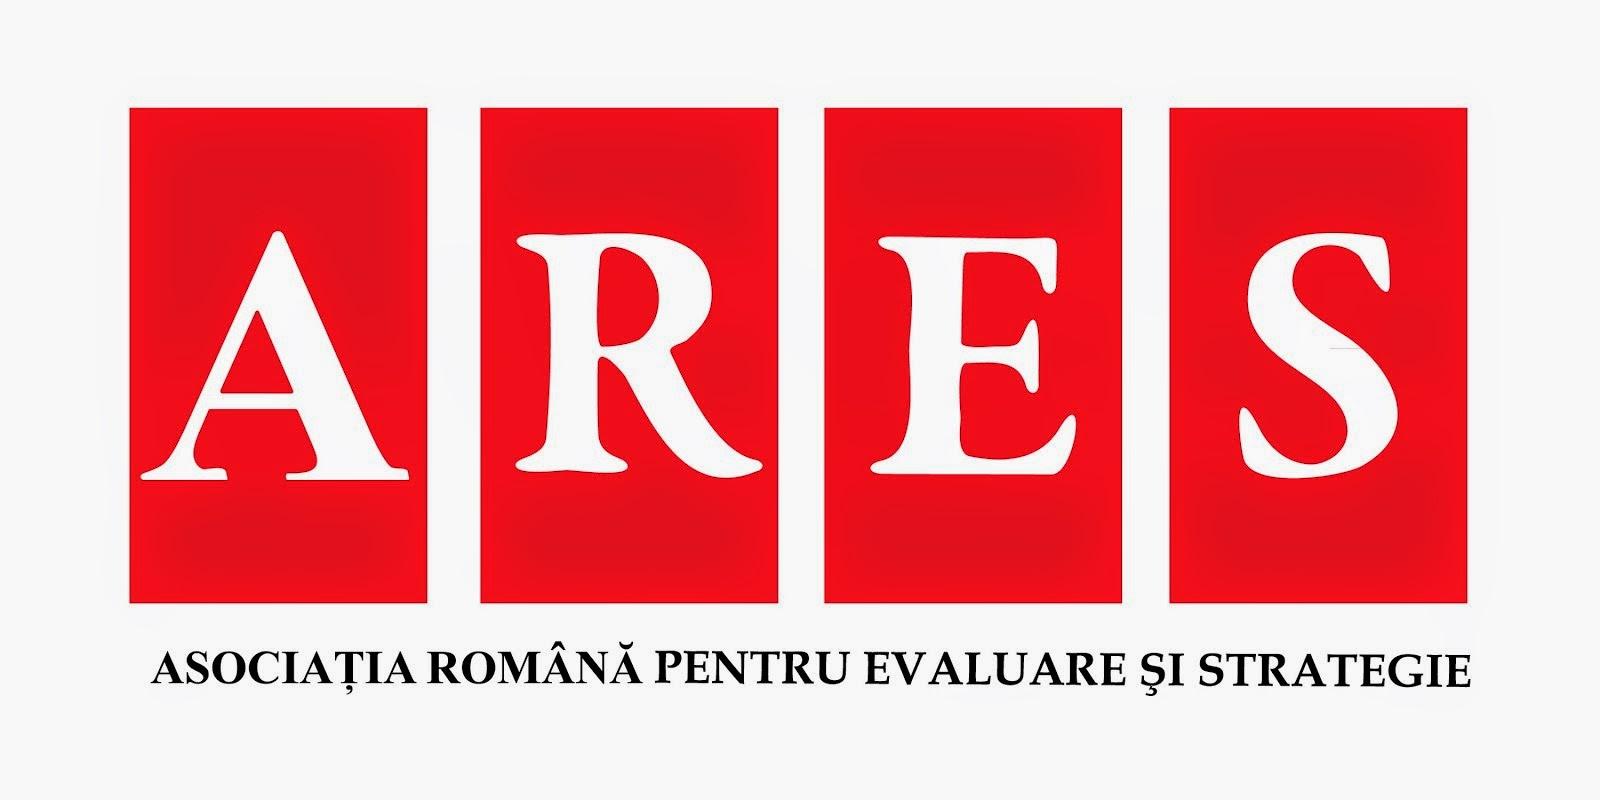 Asociatia Romana pentru Evaluare si Strategie - ARES